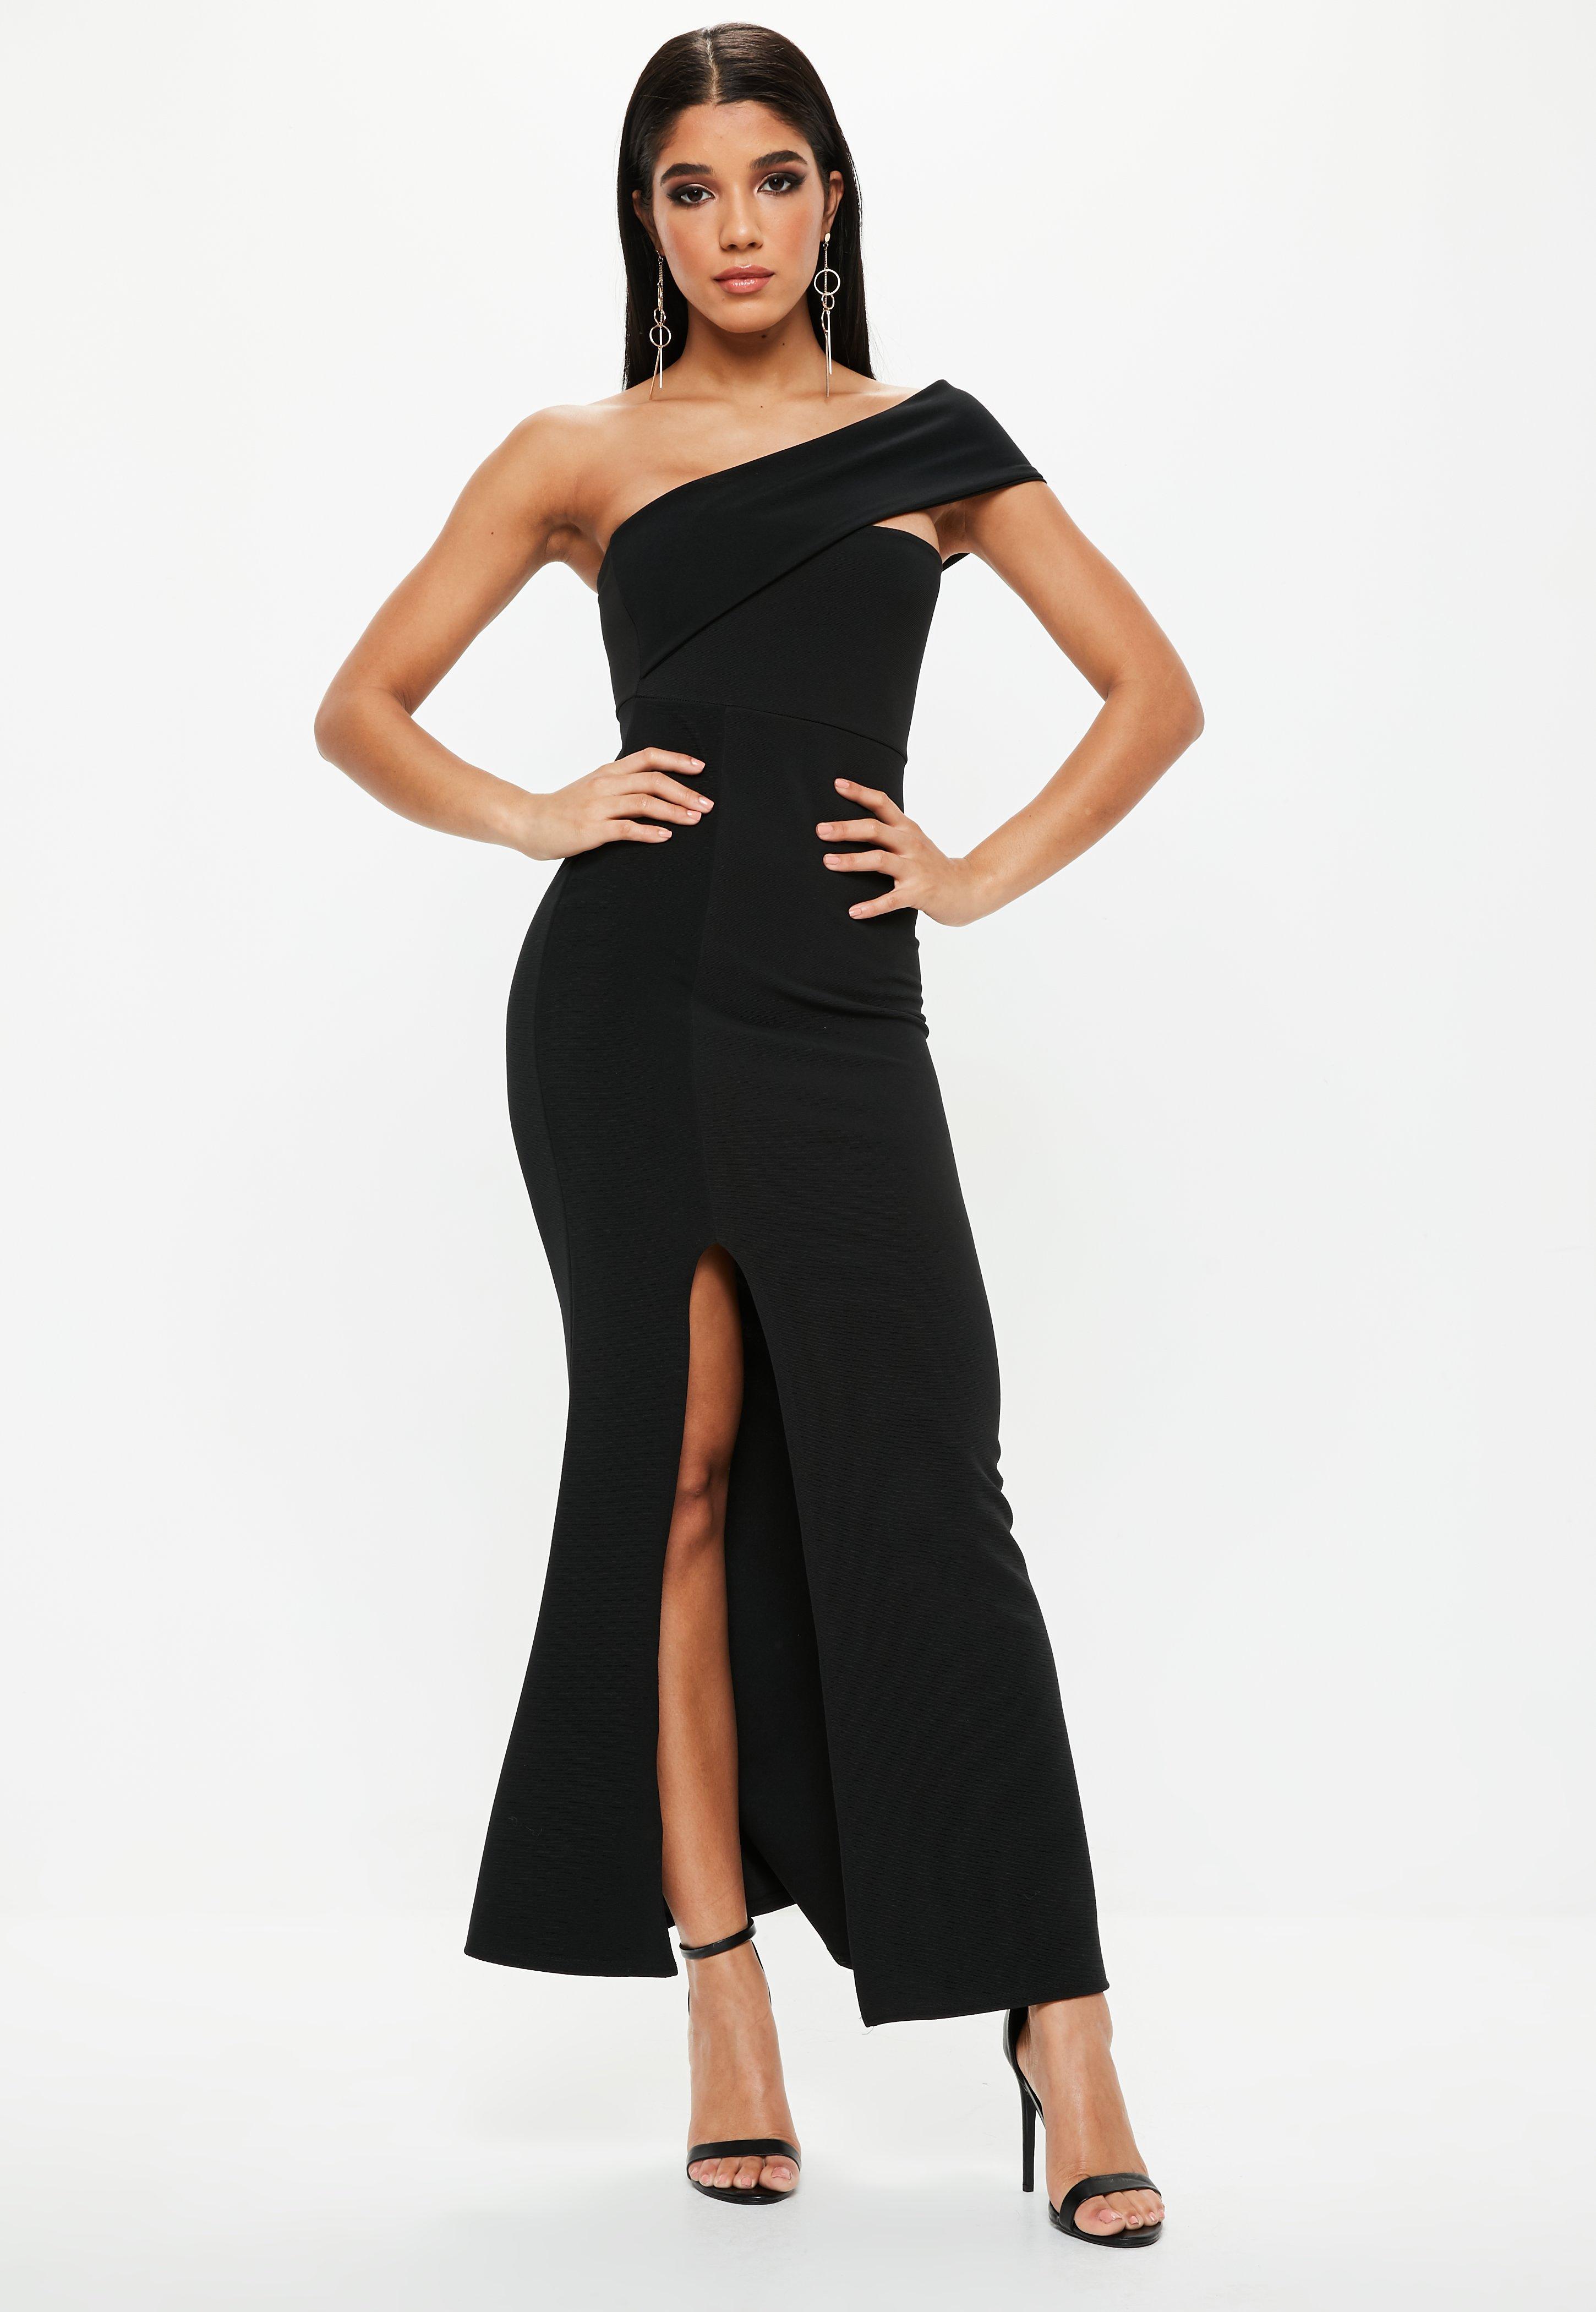 Schwarzes kleid rote schuhe hochzeit – Teure Kleider 2018